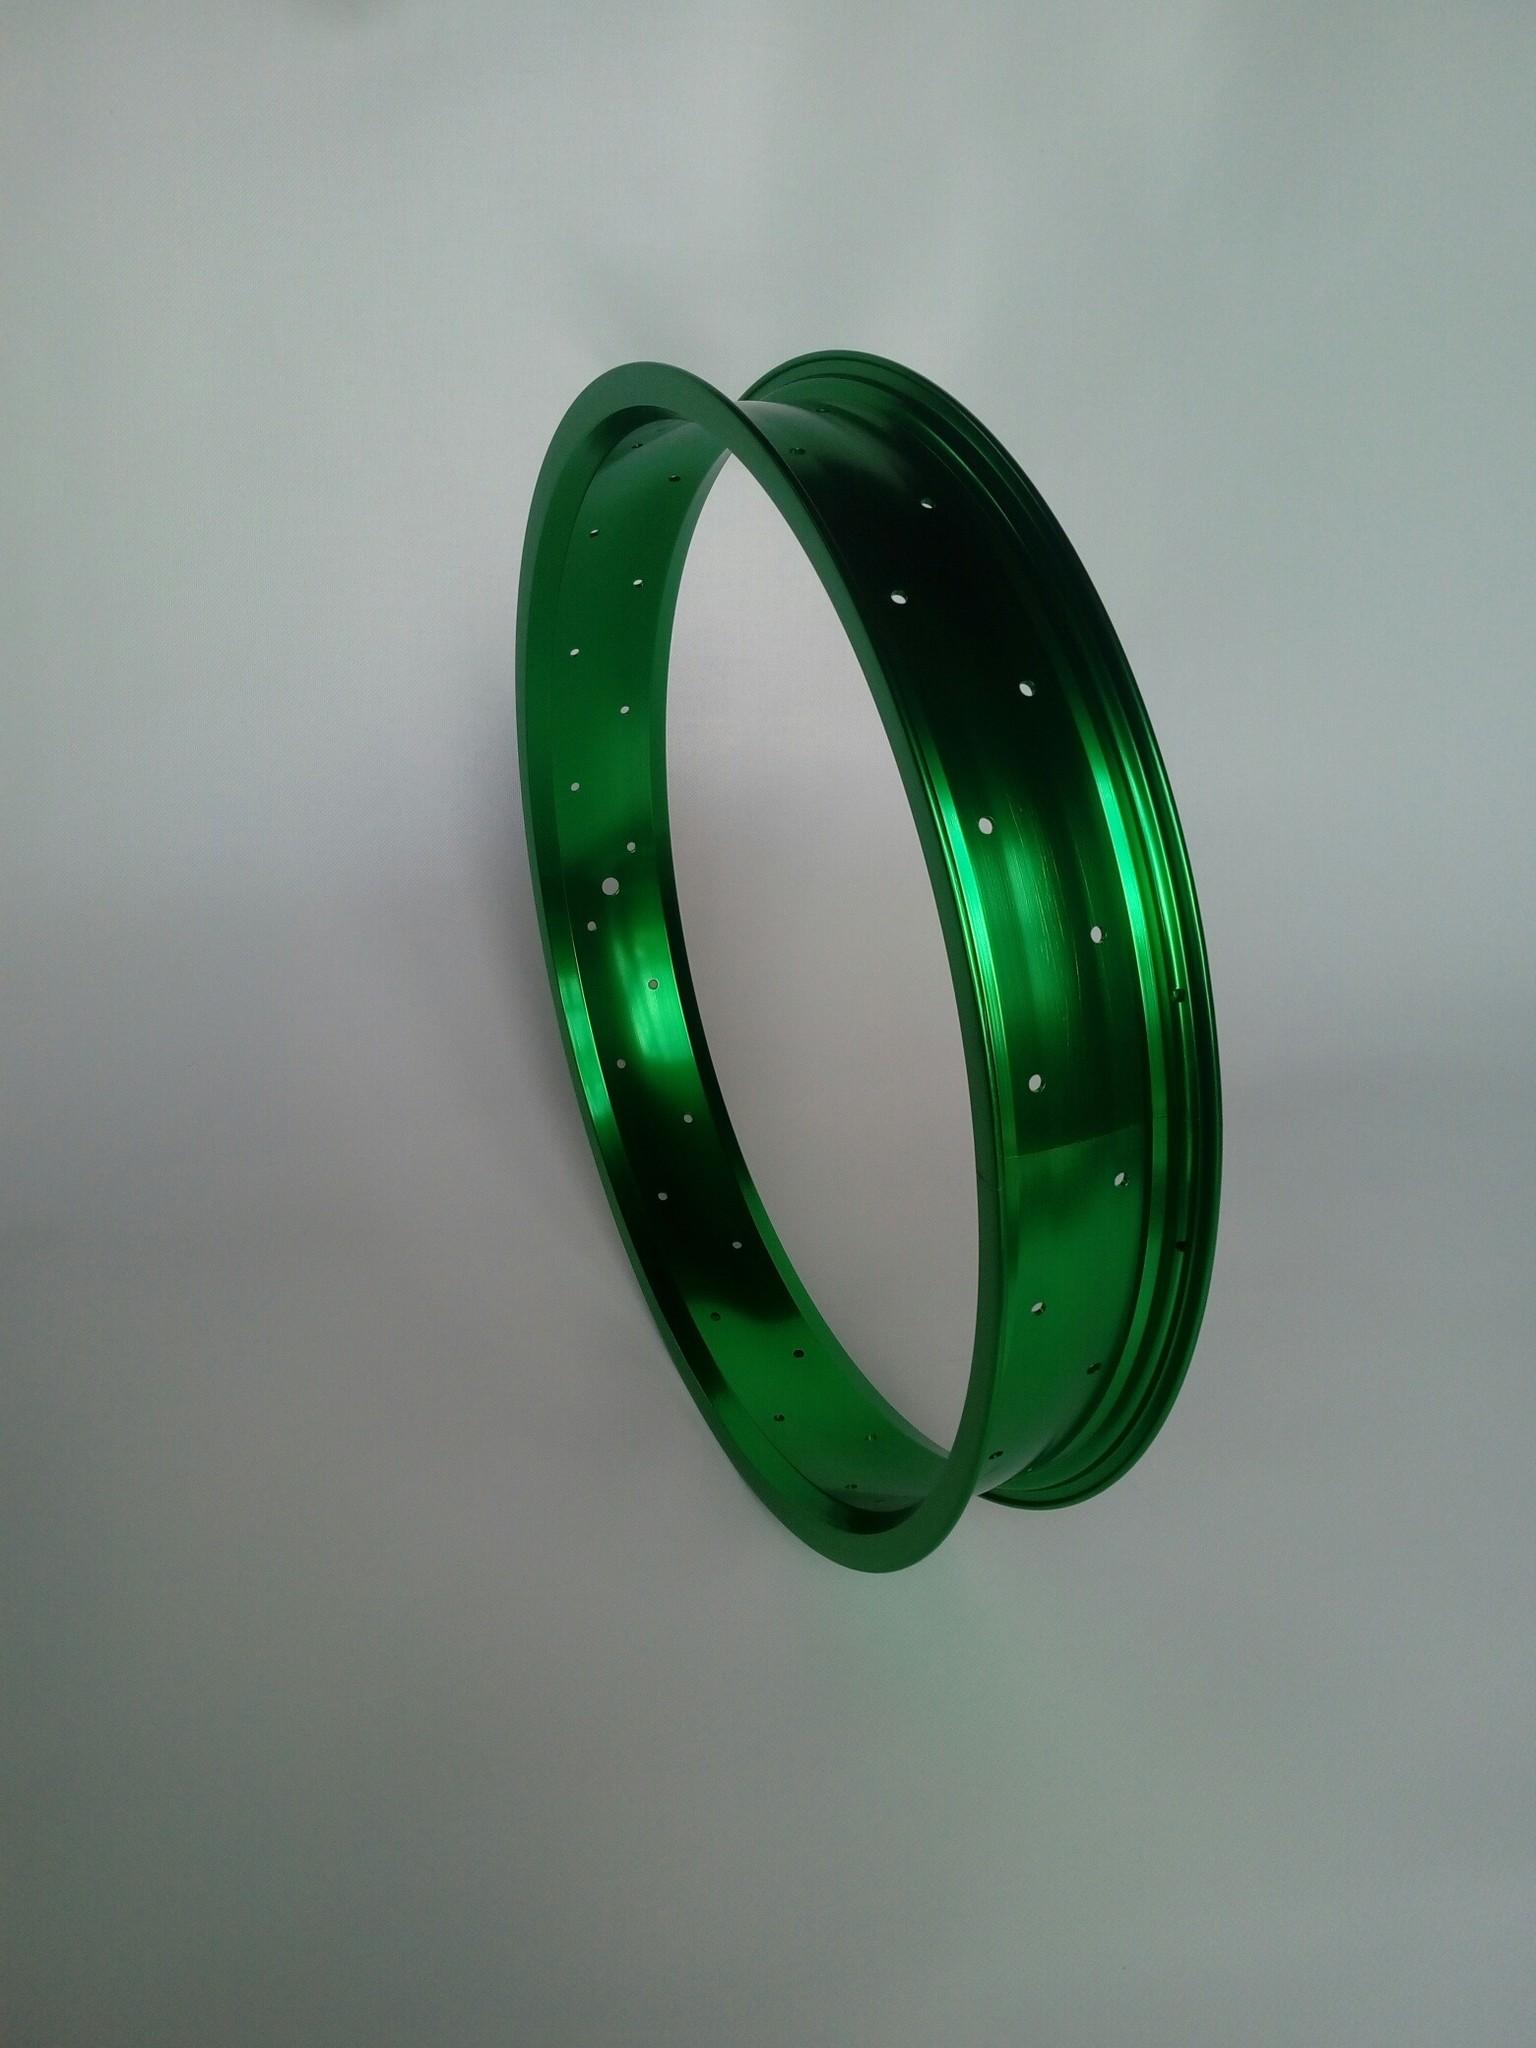 """Alufelge RM65, 20"""", grün eloxiert, 36 Speichenlöcher"""